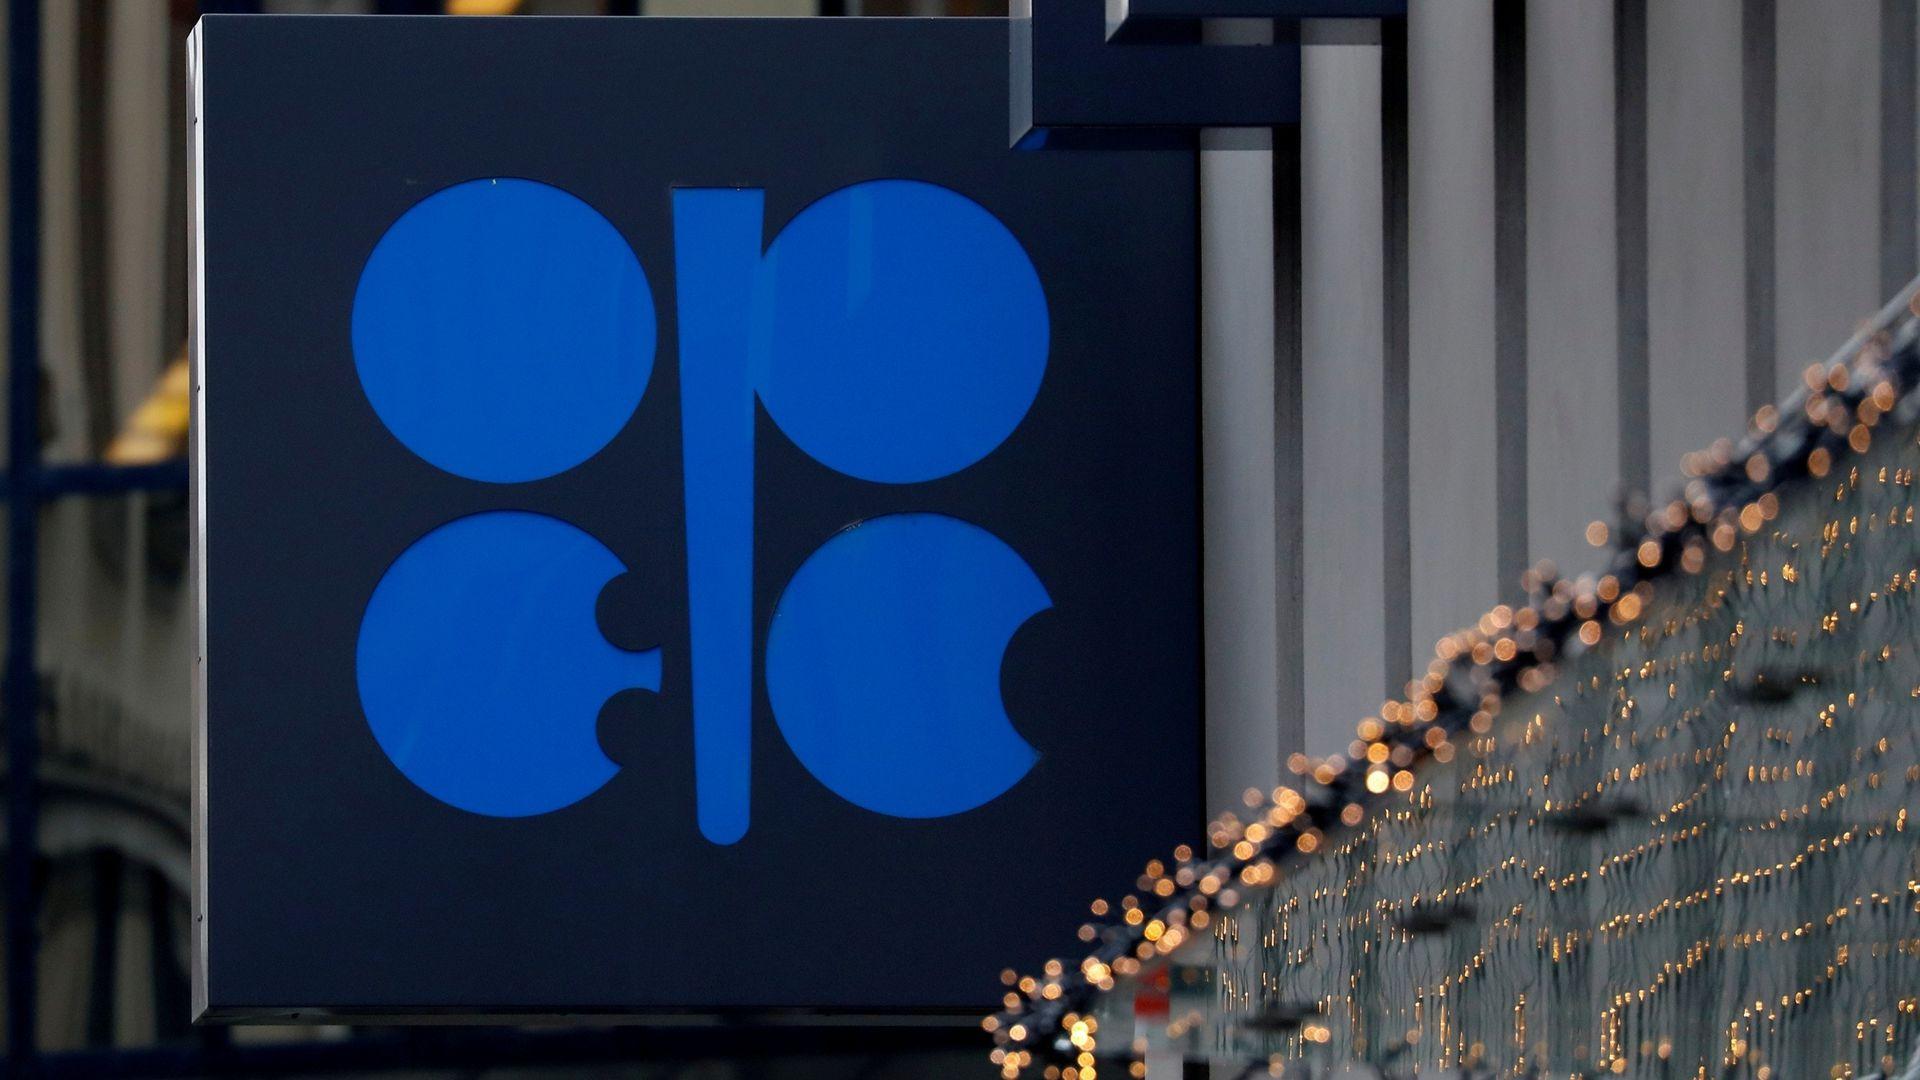 石油输出国组织与盟国(OPEC+)达成协议,每日大幅减产石油共970万桶。(Reuters)